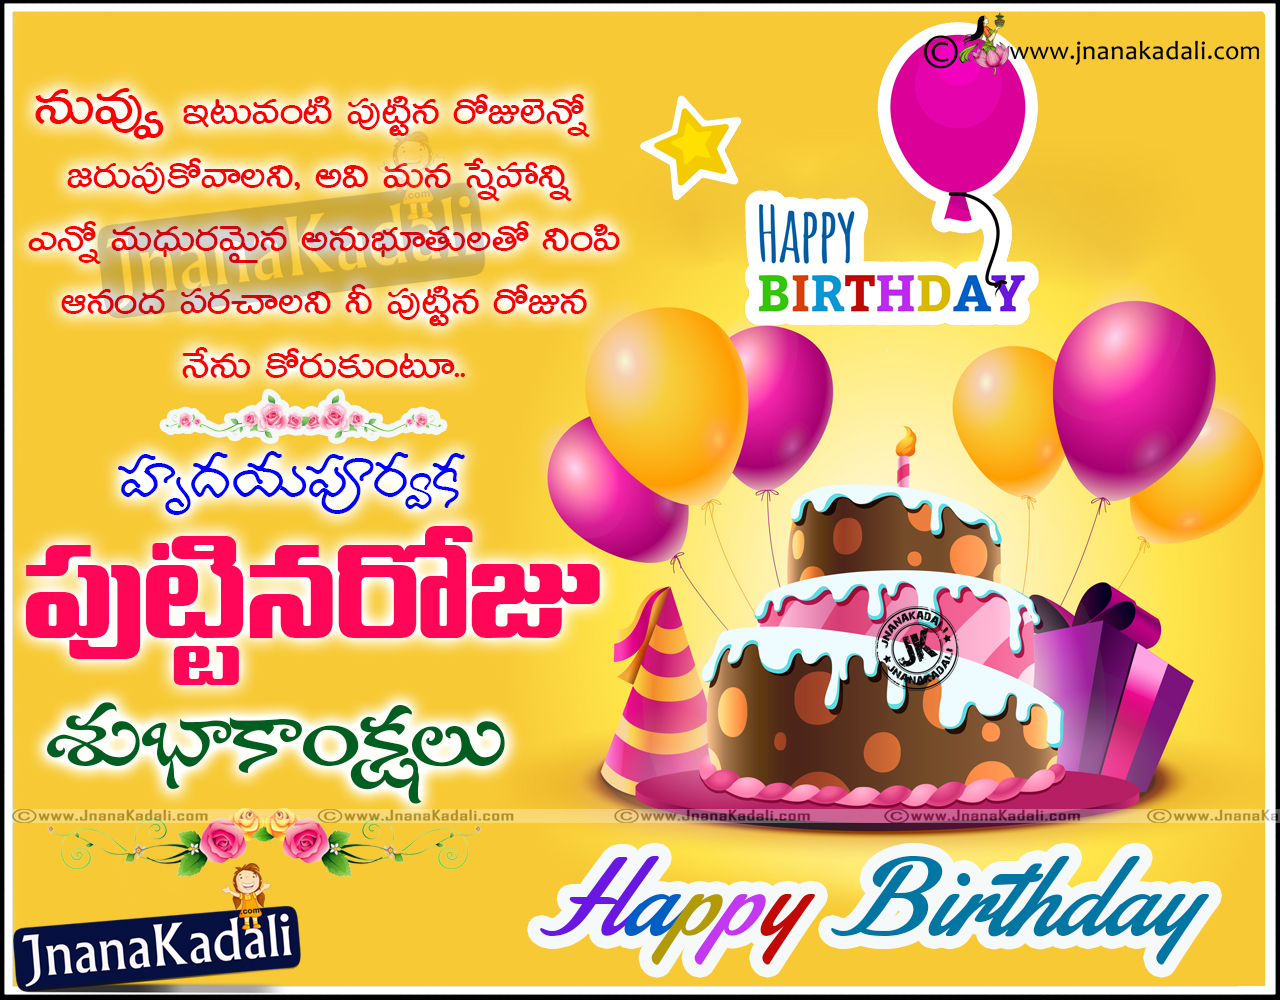 Telugu Happy Birthday Greeting In Telugu With Birthday Happy Birthday Wishes To Lecturer